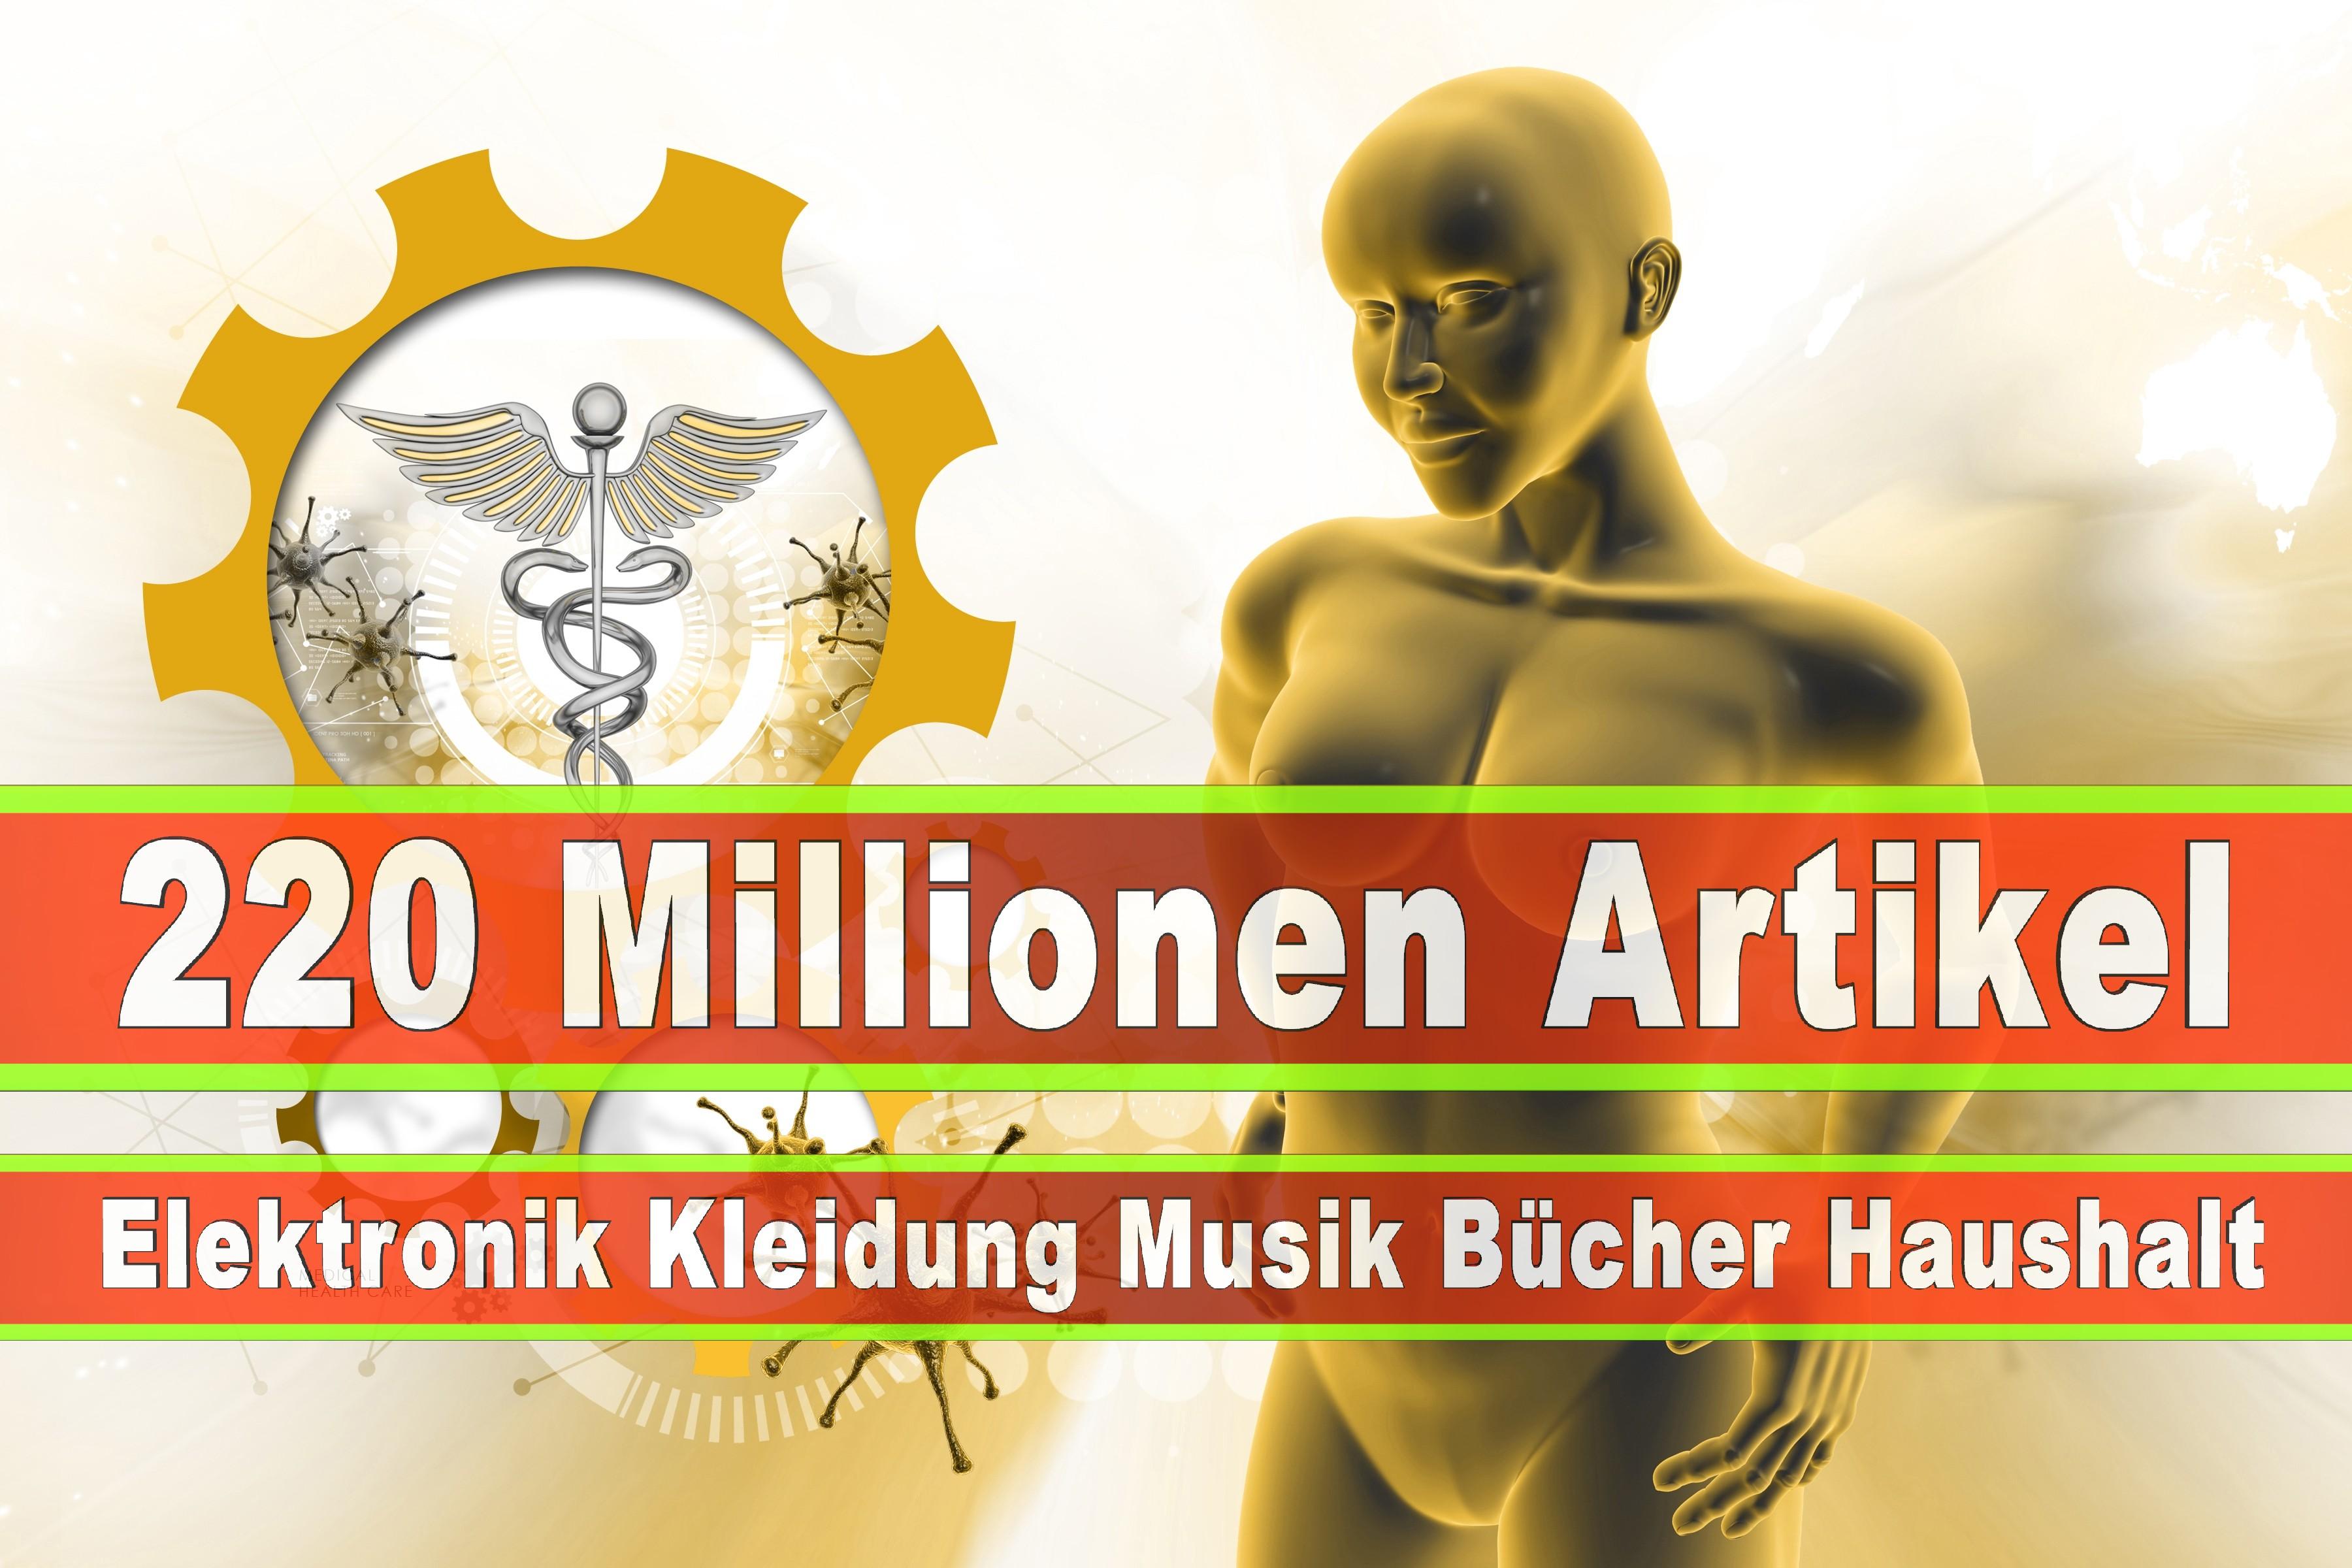 Amazon Elektronik Musik Haushalt Bücher CD DVD Handys Smartphones TV Television Fernseher Kleidung Mode Ebay Versandhaus (179)